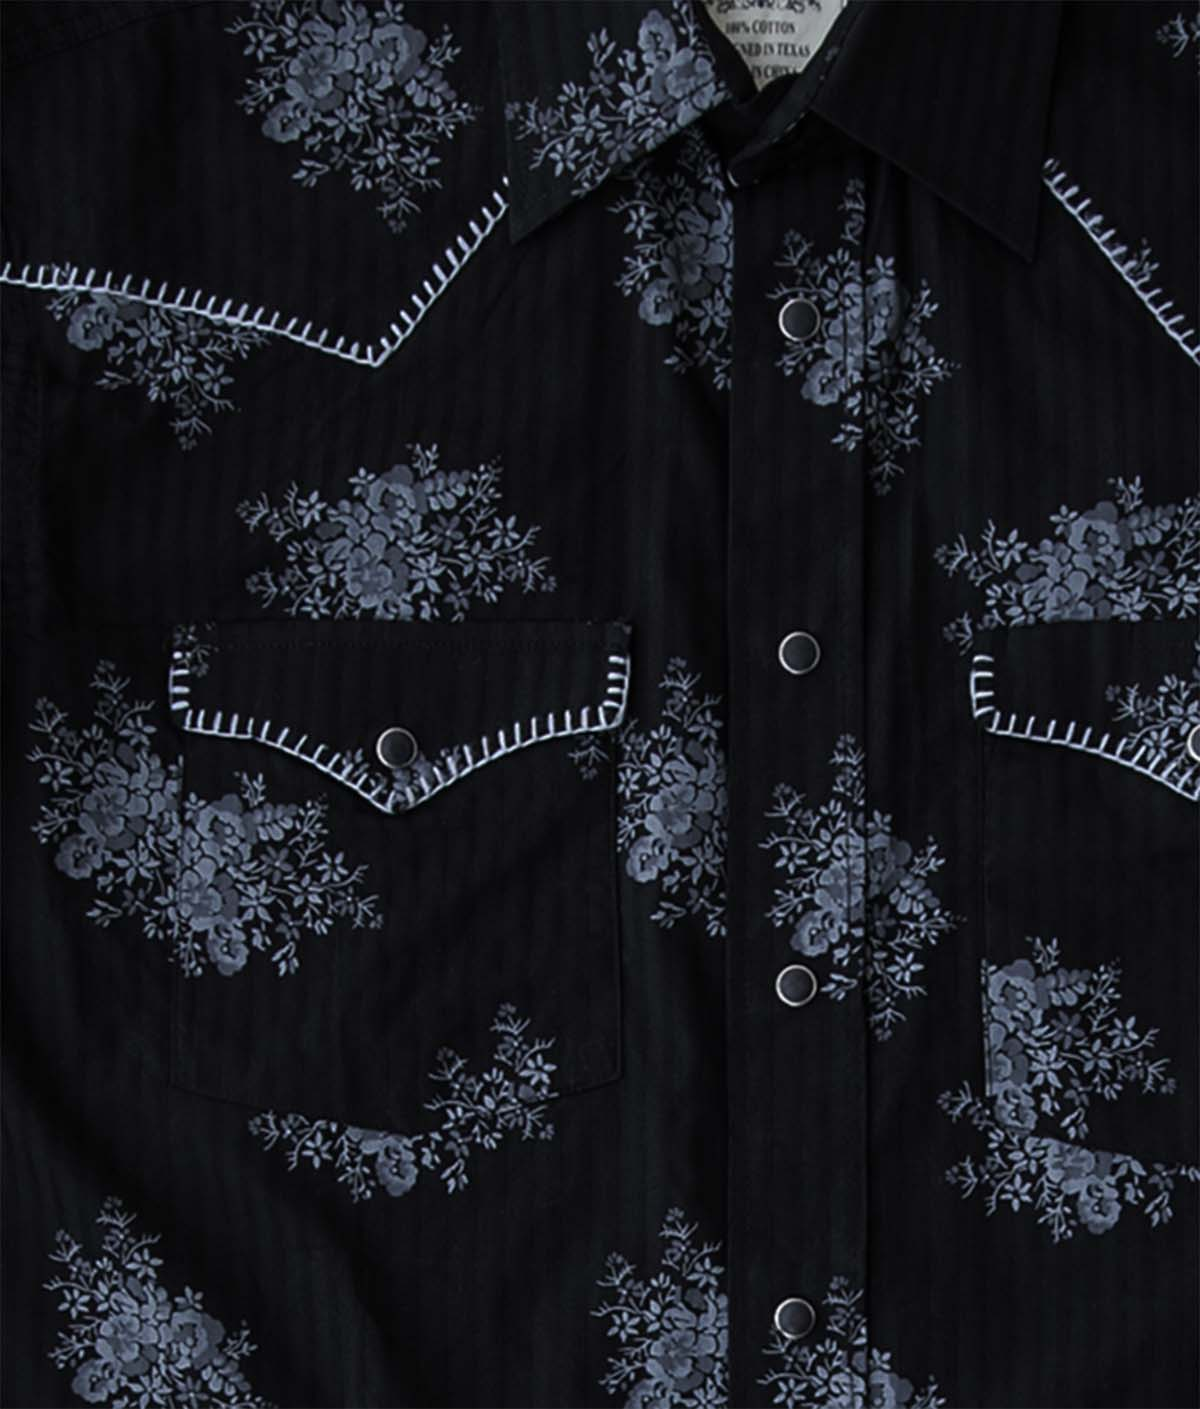 画像2: パンハンドルスリム ラフストック ウエスタンシャツ(ブラック/長袖)/Rough Stock Long Sleeve Western Shirt by Panhandle Slim(Black)